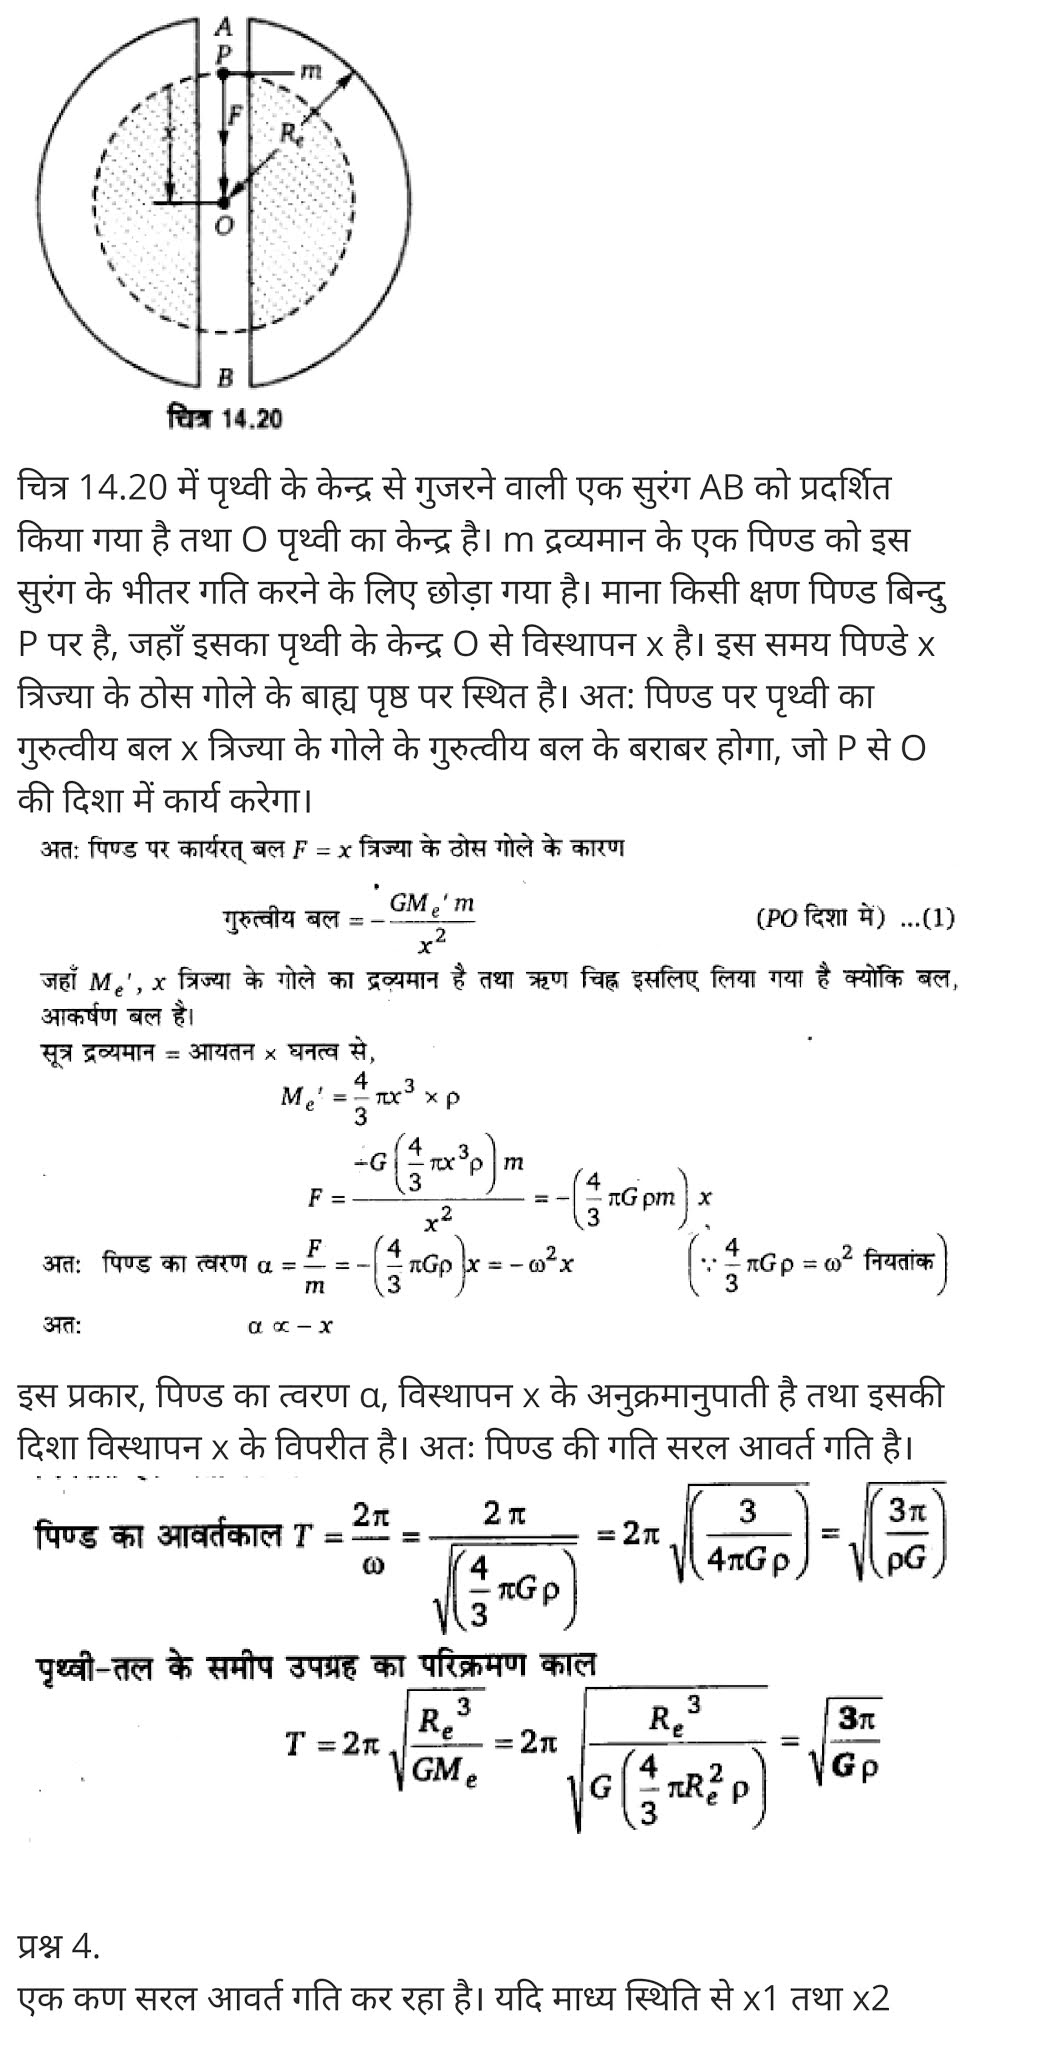 दोलन,  दोलन क्या है,  दोलन की परिभाषा,  अवमंदित दोलन,  दोलन सिद्धांत क्या है,  दोलन के प्रकार,  दोलन गति in english,  दोलन काल,  प्रणोदित दोलन,  Oscillations,  oscillation physics,  oscillation definition physics,  oscillation meaning in hindi,  types of oscillation,  oscillation formula,  damped oscillation,  oscillation waves,  what is oscillation in sound,   class 11 physics Chapter 14,  class 11 physics chapter 14 ncert solutions in hindi,  class 11 physics chapter 14 notes in hindi,  class 11 physics chapter 14 question answer,  class 11 physics chapter 14 notes,  11 class physics chapter 14 in hindi,  class 11 physics chapter 14 in hindi,  class 11 physics chapter 14 important questions in hindi,  class 11 physics  notes in hindi,   class 11 physics chapter 14 test,  class 11 physics chapter 14 pdf,  class 11 physics chapter 14 notes pdf,  class 11 physics chapter 14 exercise solutions,  class 11 physics chapter 14, class 11 physics chapter 14 notes study rankers,  class 11 physics chapter 14 notes,  class 11 physics notes,   physics  class 11 notes pdf,  physics class 11 notes 2021 ncert,  physics class 11 pdf,  physics  book,  physics quiz class 11,   11th physics  book up board,  up board 11th physics notes,   कक्षा 11 भौतिक विज्ञान अध्याय 14,  कक्षा 11 भौतिक विज्ञान का अध्याय 14 ncert solution in hindi,  कक्षा 11 भौतिक विज्ञान के अध्याय 14 के नोट्स हिंदी में,  कक्षा 11 का भौतिक विज्ञान अध्याय 14 का प्रश्न उत्तर,  कक्षा 11 भौतिक विज्ञान अध्याय 14 के नोट्स,  11 कक्षा भौतिक विज्ञान अध्याय 14 हिंदी में,  कक्षा 11 भौतिक विज्ञान अध्याय 14 हिंदी में,  कक्षा 11 भौतिक विज्ञान अध्याय 14 महत्वपूर्ण प्रश्न हिंदी में,  कक्षा 11 के भौतिक विज्ञान के नोट्स हिंदी में,  भौतिक विज्ञान कक्षा 11 नोट्स pdf,  भौतिक विज्ञान कक्षा 11 नोट्स 2021 ncert,  भौतिक विज्ञान कक्षा 11 pdf,  भौतिक विज्ञान पुस्तक,  भौतिक विज्ञान की बुक,  भौतिक विज्ञान प्रश्नोत्तरी class 11, 11 वीं भौतिक विज्ञान पुस्तक up board,  बिहार बोर्ड 11पुस्तक वीं भौतिक विज्ञान नोट्स,